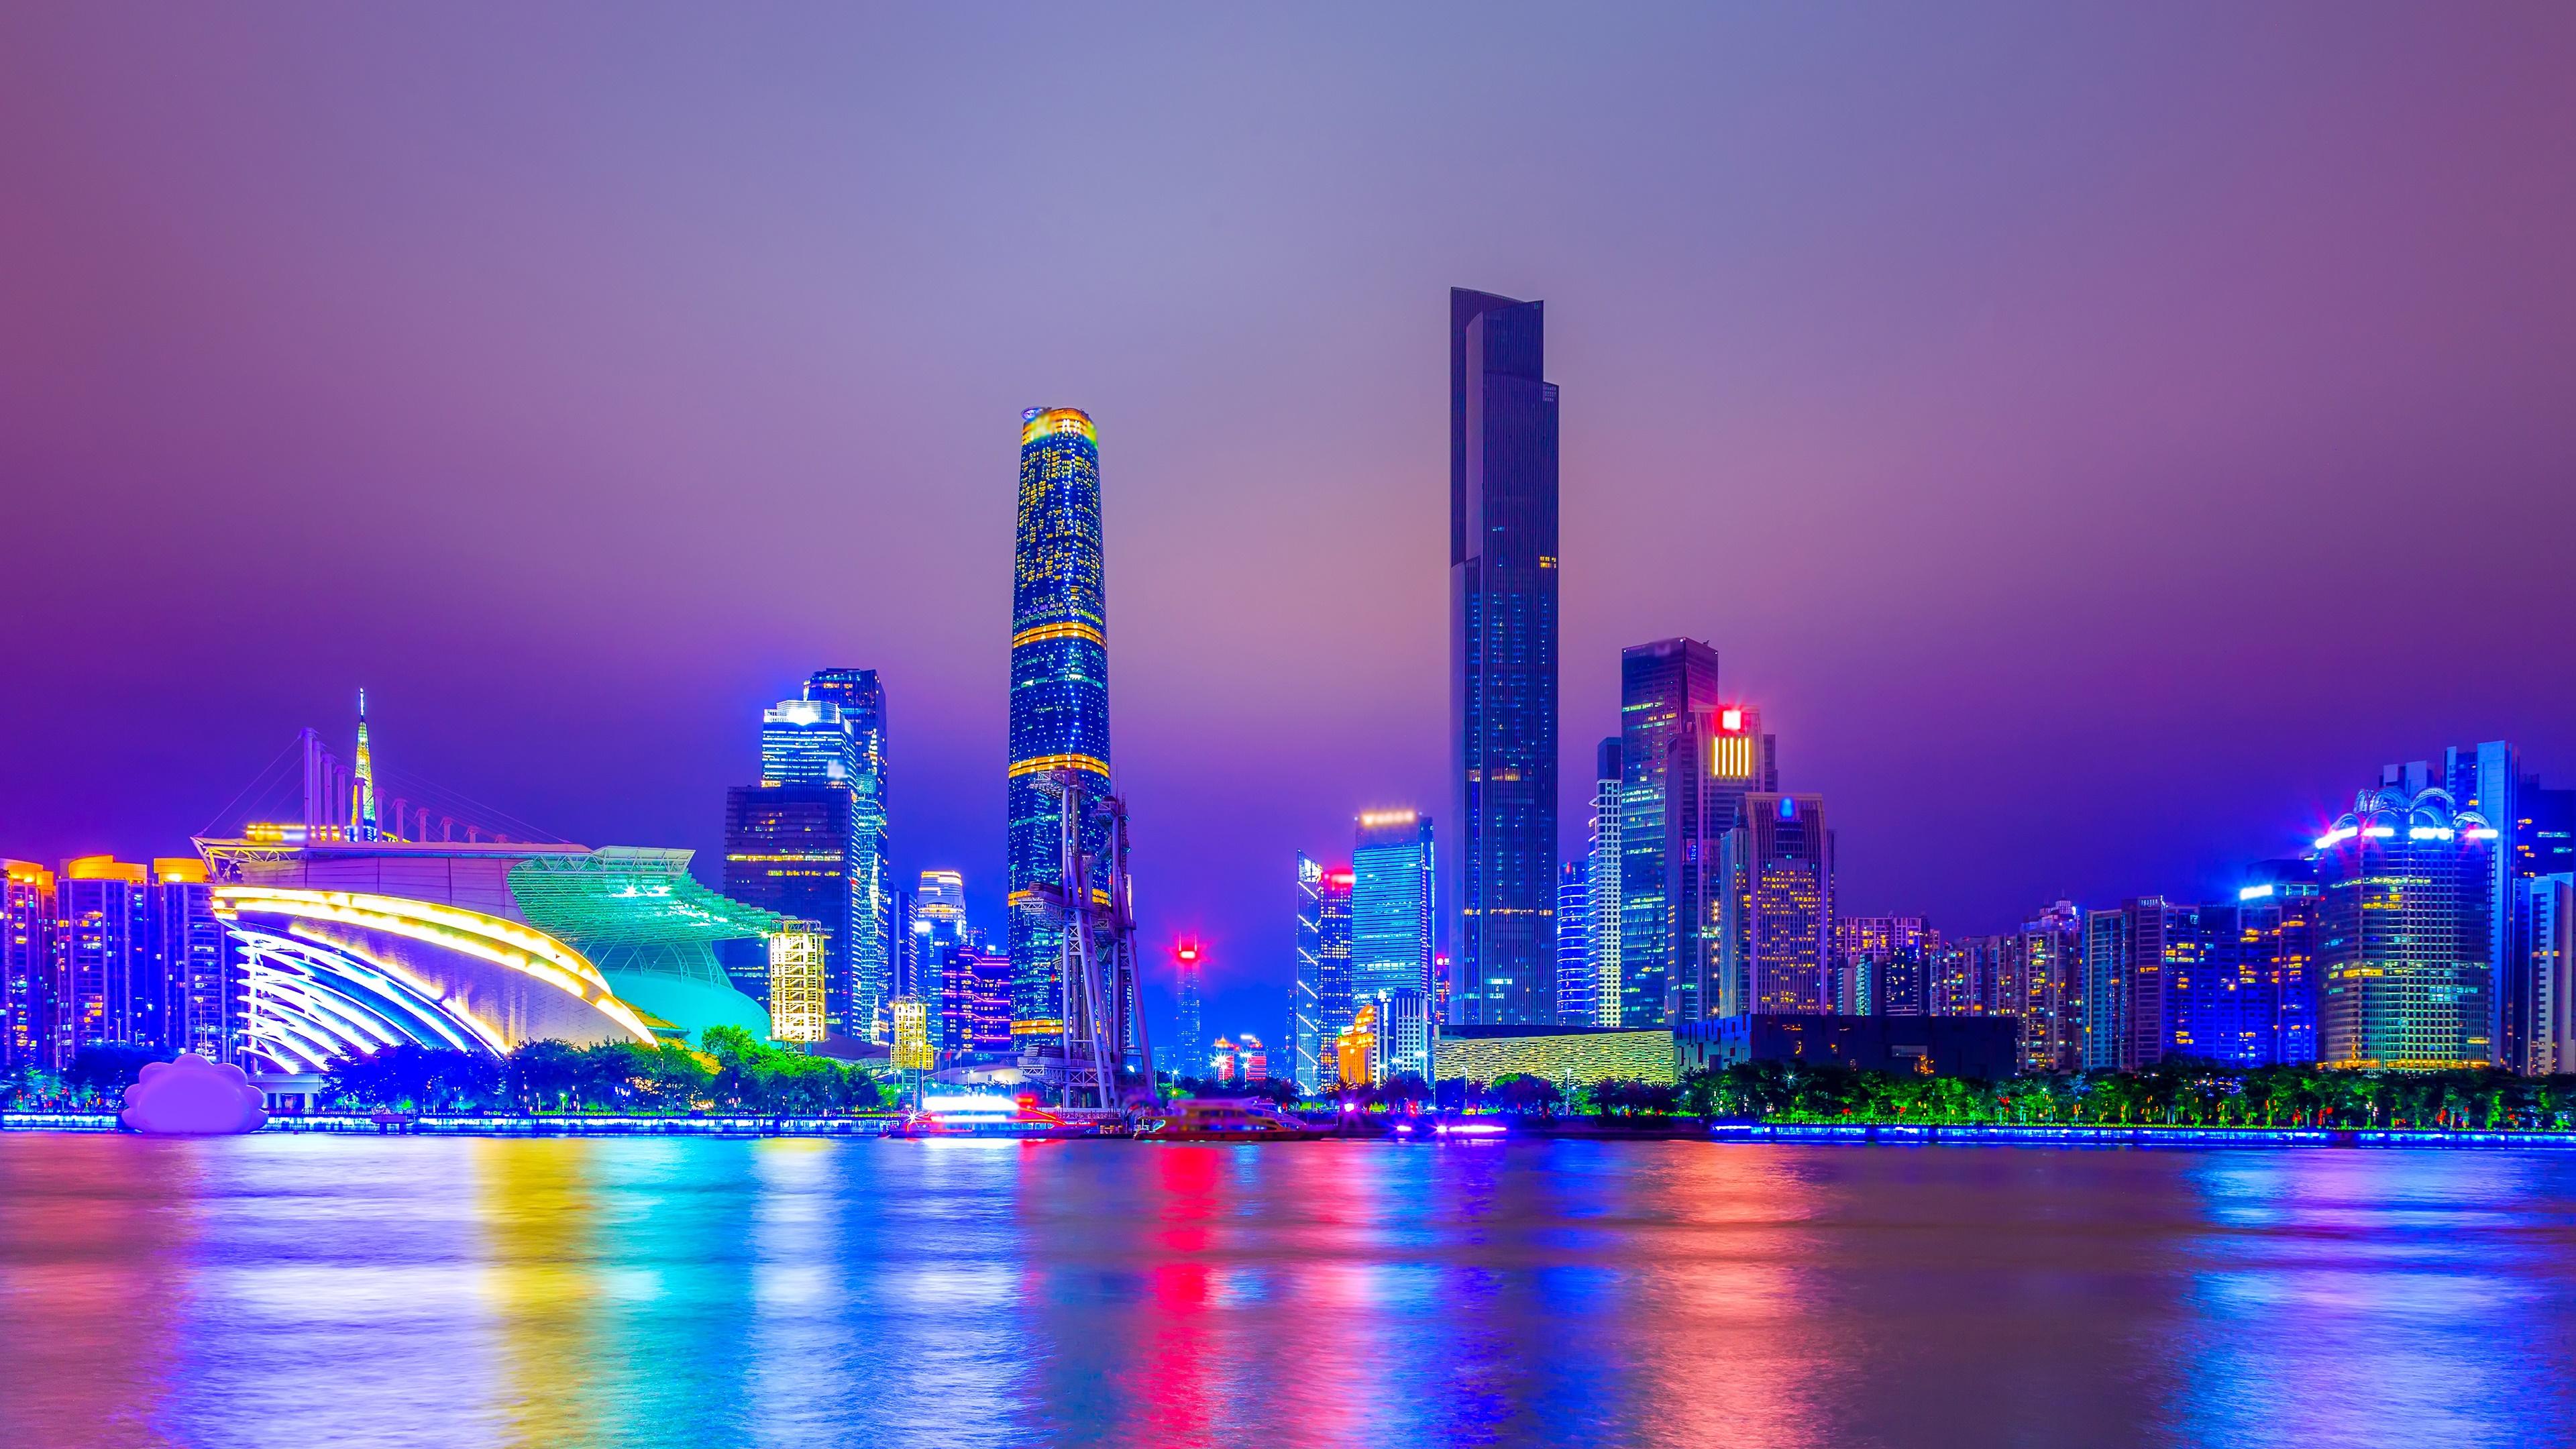 Shanghai at night wallpaper